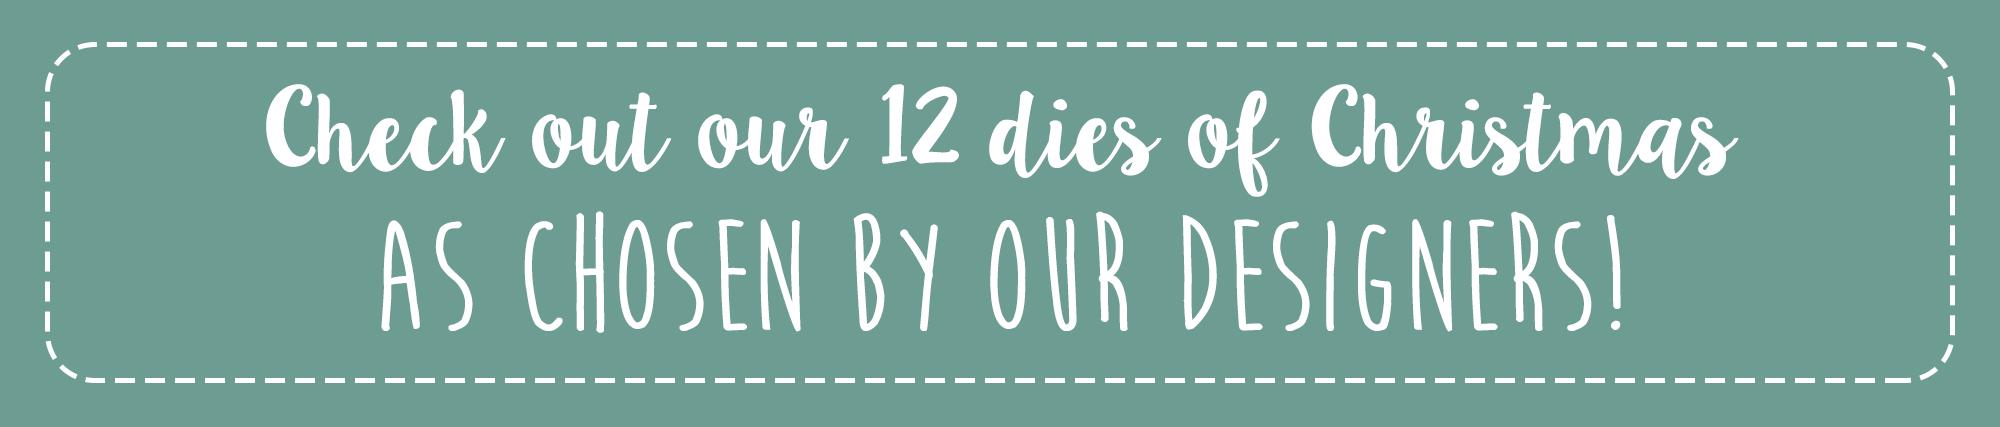 12 Dies of Christmas